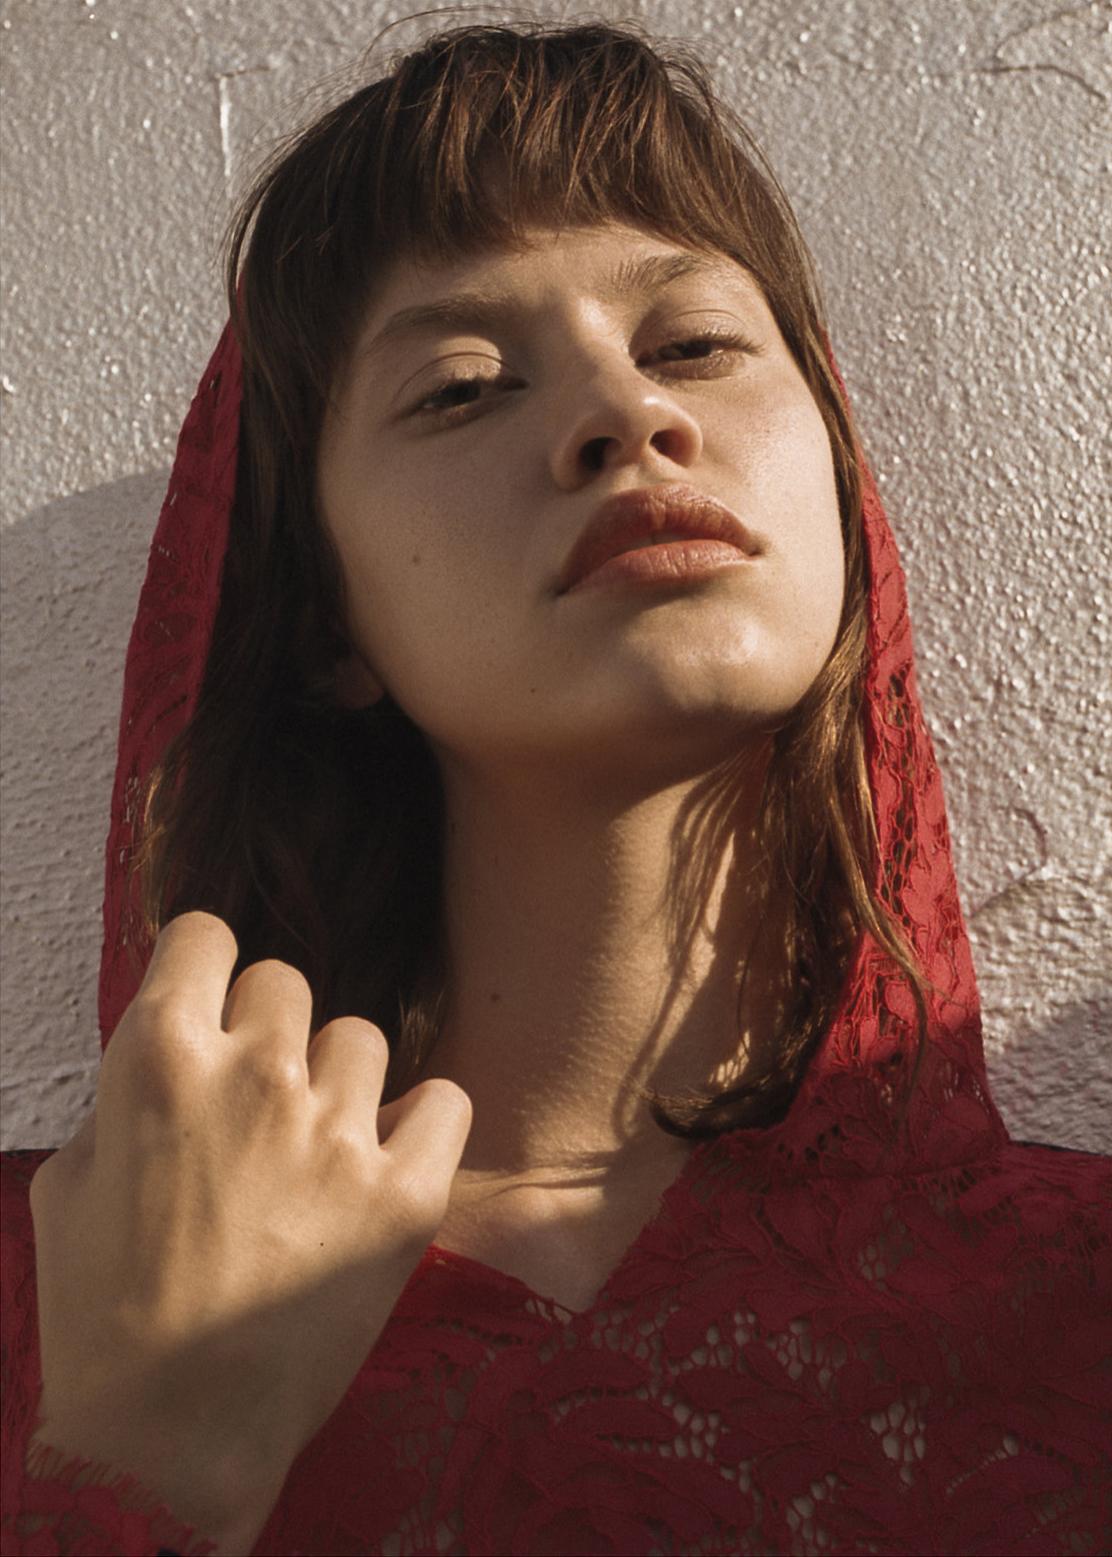 攝影師作品集系列 之-95 - 歐美美女 -